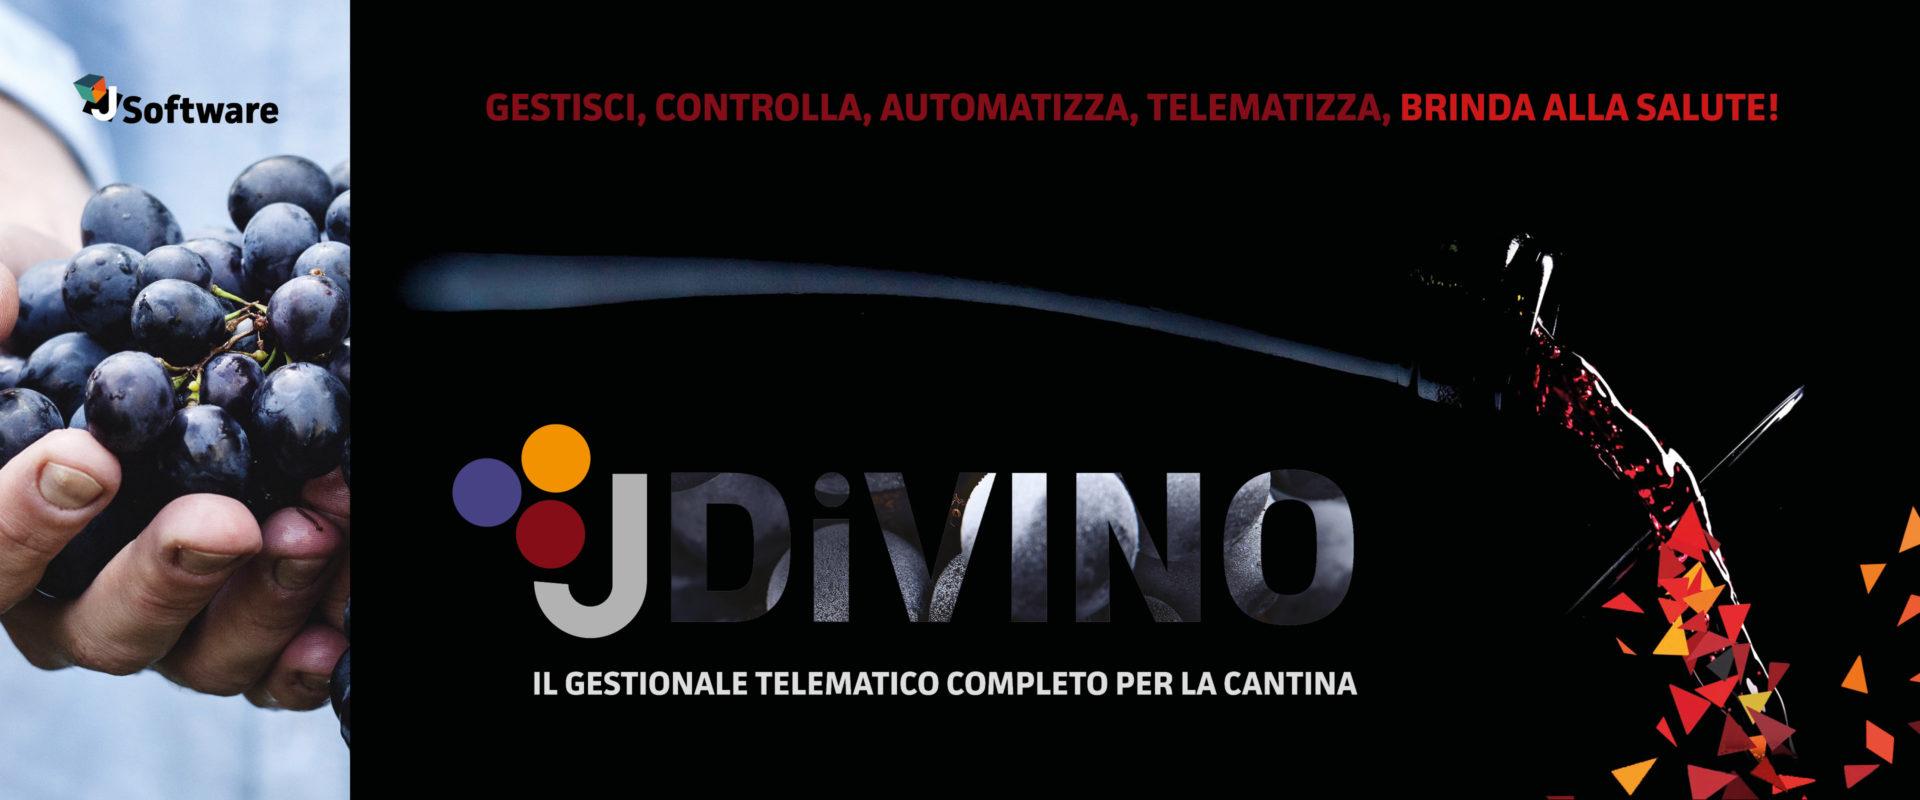 BANNER J-DiVino